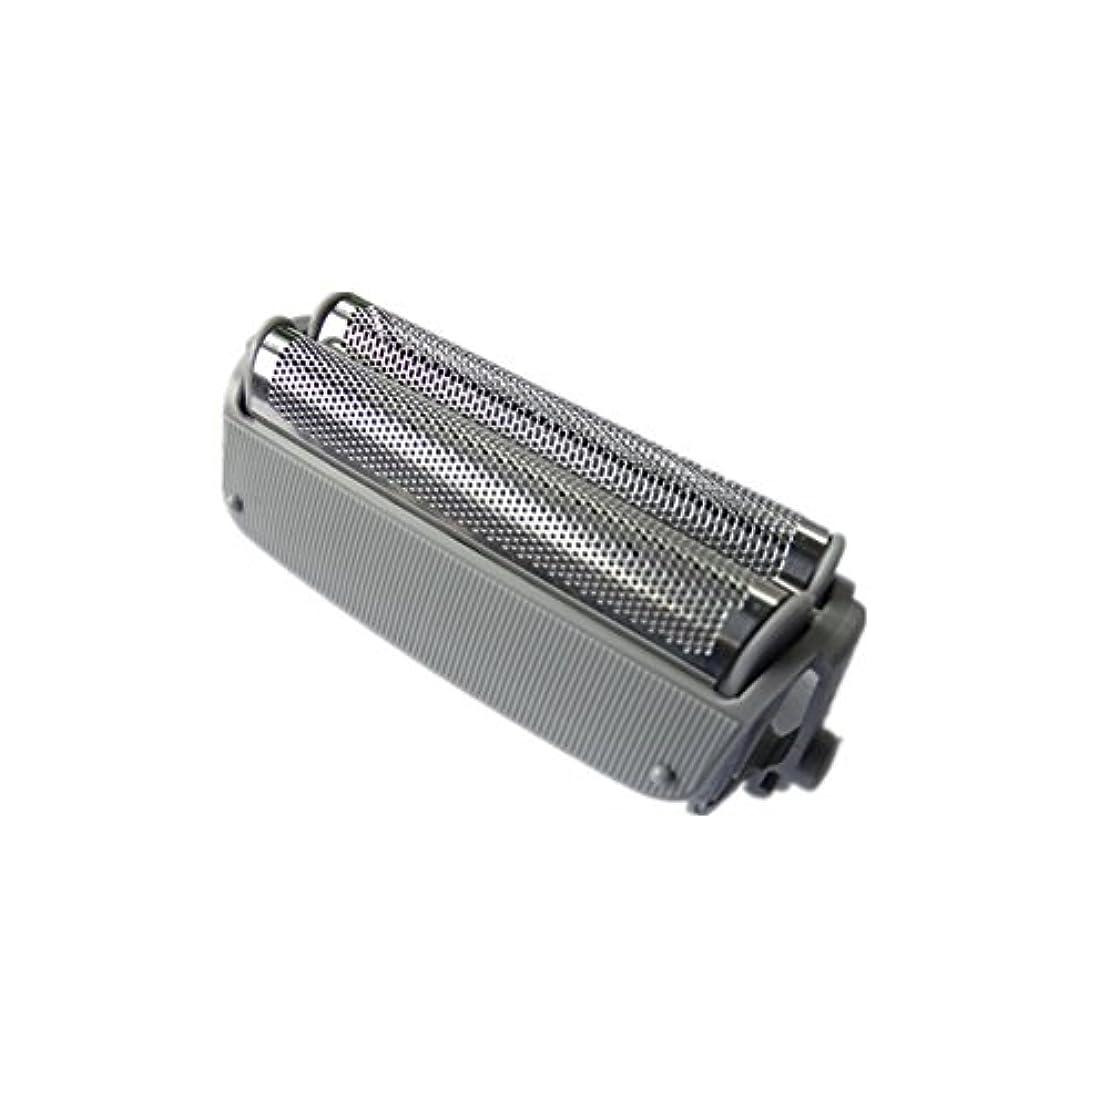 植物学者保有者食い違いHZjundasi Replacement Shaver Outer ホイル for Panasonic?ES4033/4035/4036/4027/RW30